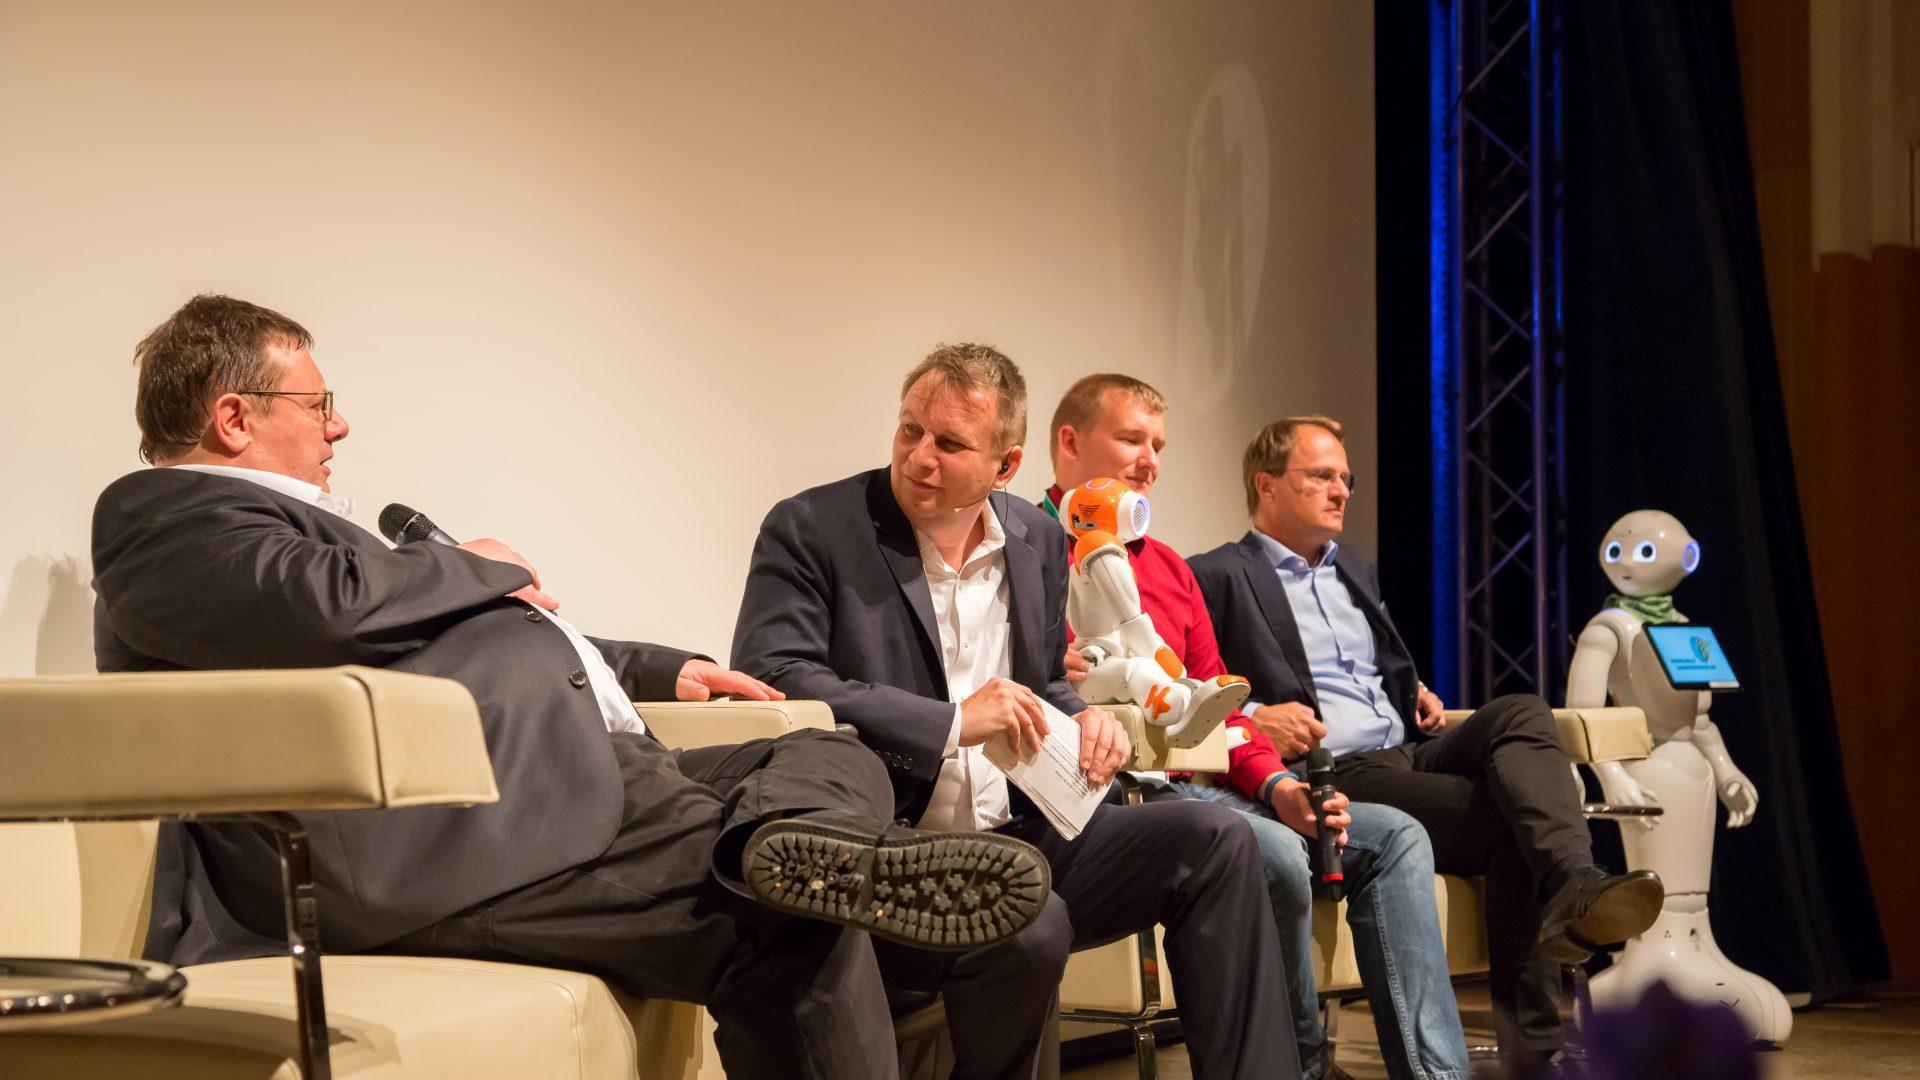 Podiumsdiskussion mit Hans-Jörg Rothen, Meinrad Knapp, Hannes Eilers und Dr. Markus Hengstschläger. ©event-fotograf/Gemeindebund